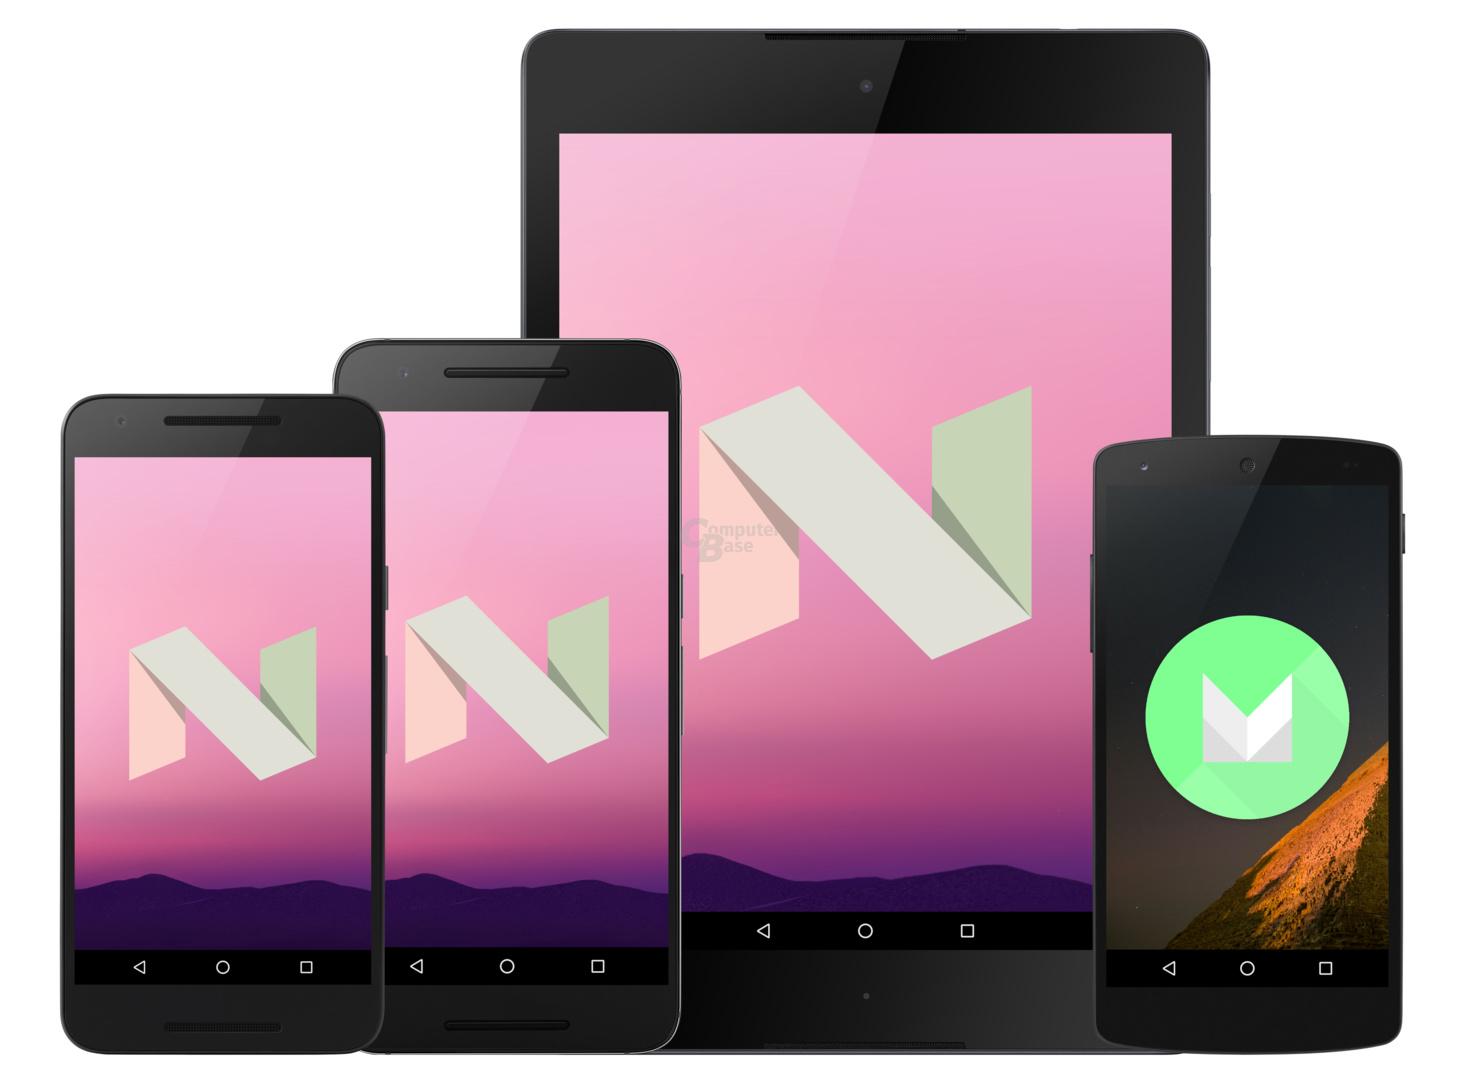 Kein Android 7.0 für das Nexus 5 und Nexus 7 (2013)